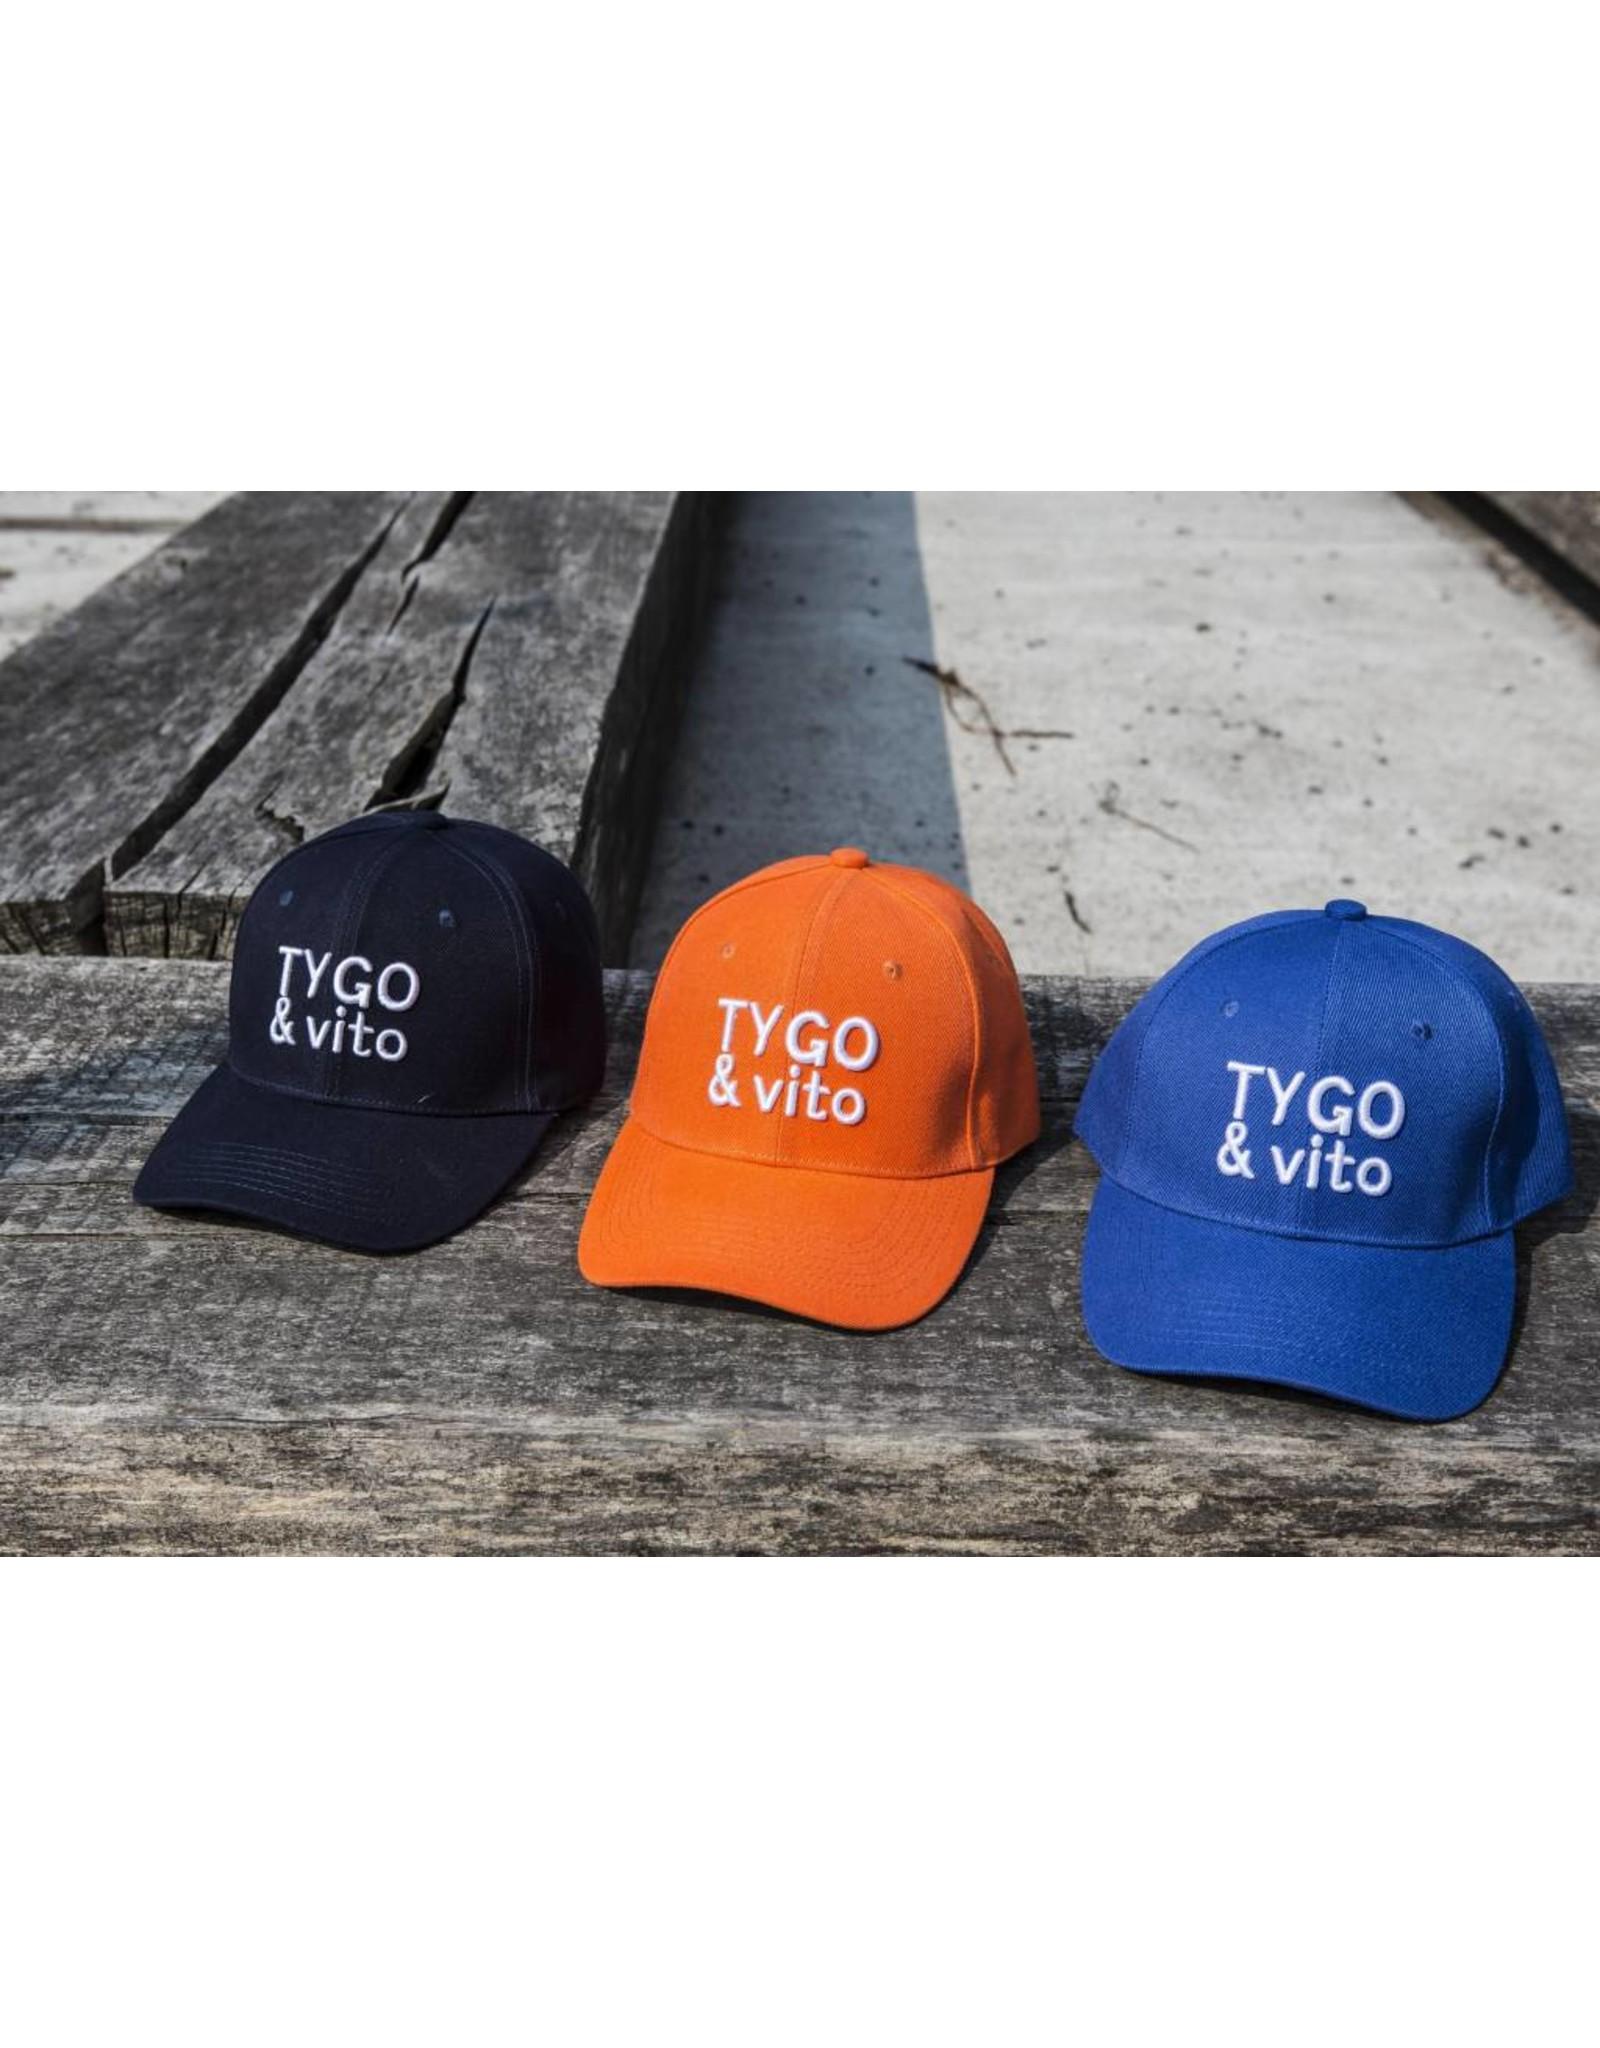 TYGO & Vito TYGO & Vito Hat-Navy